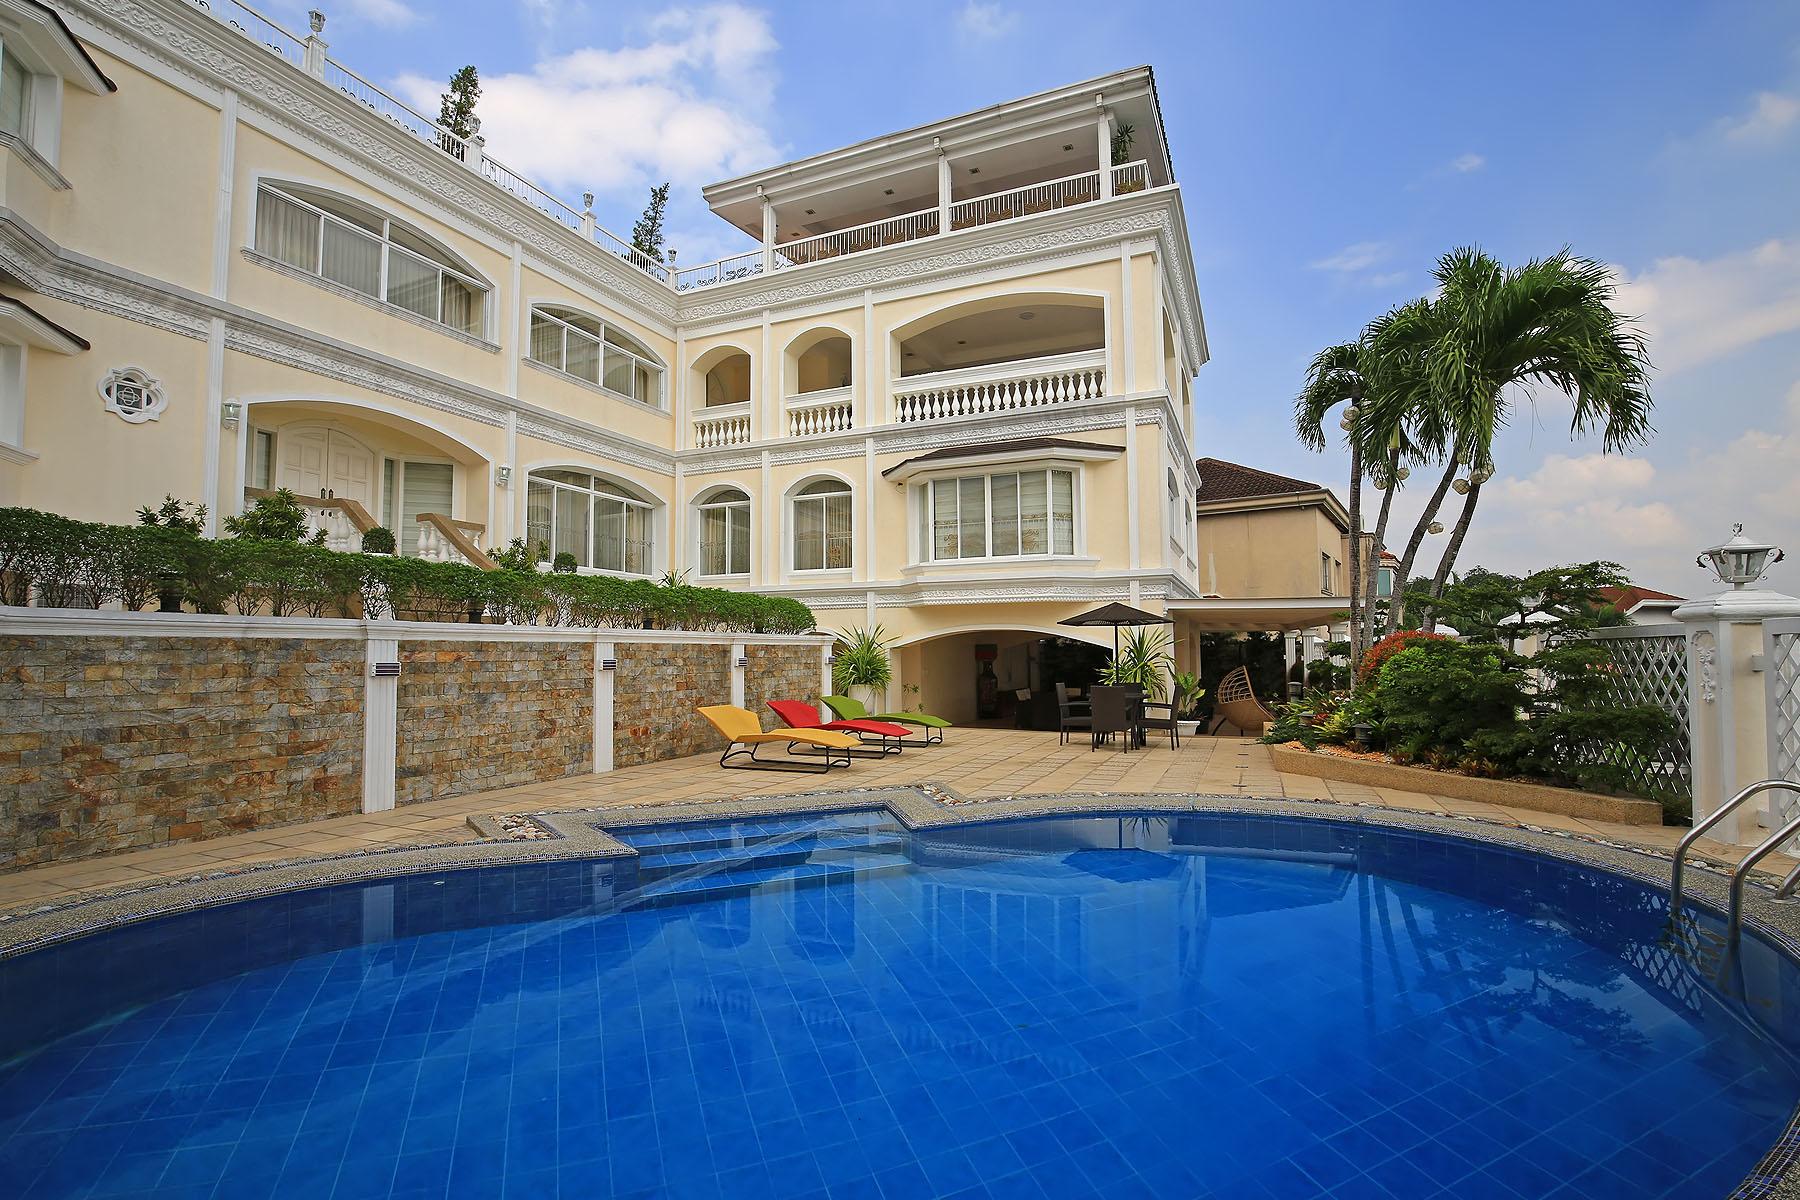 一戸建て のために 売買 アット Custom Built Versace Interior 5 Bedroom Home 24 Bonifacio St. Ayala Heights Village Quezon City, Luzon 1101 フィリピン